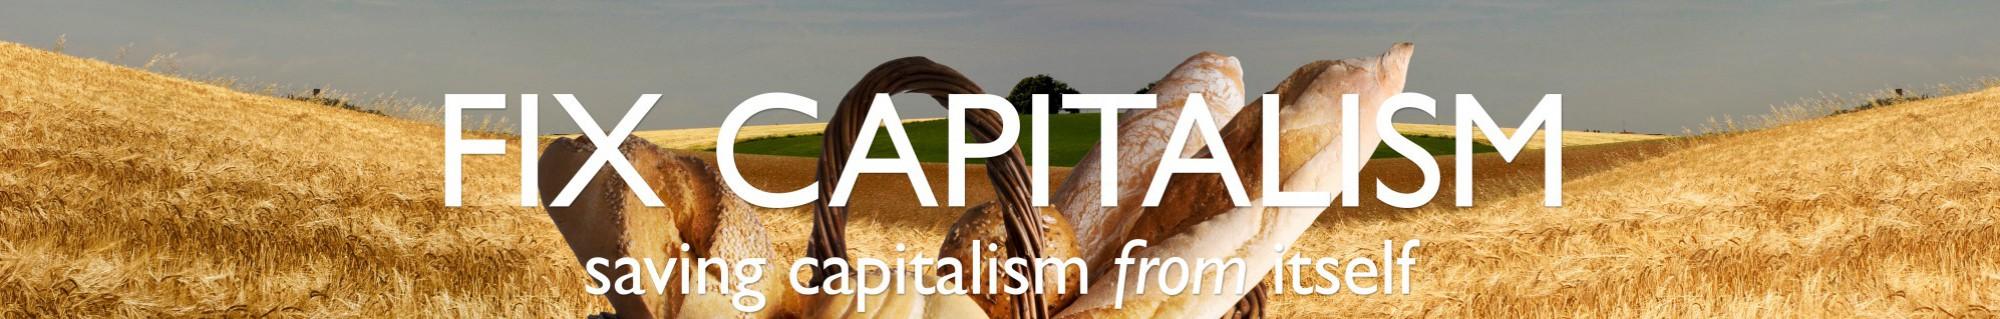 FIXCapitalism.com